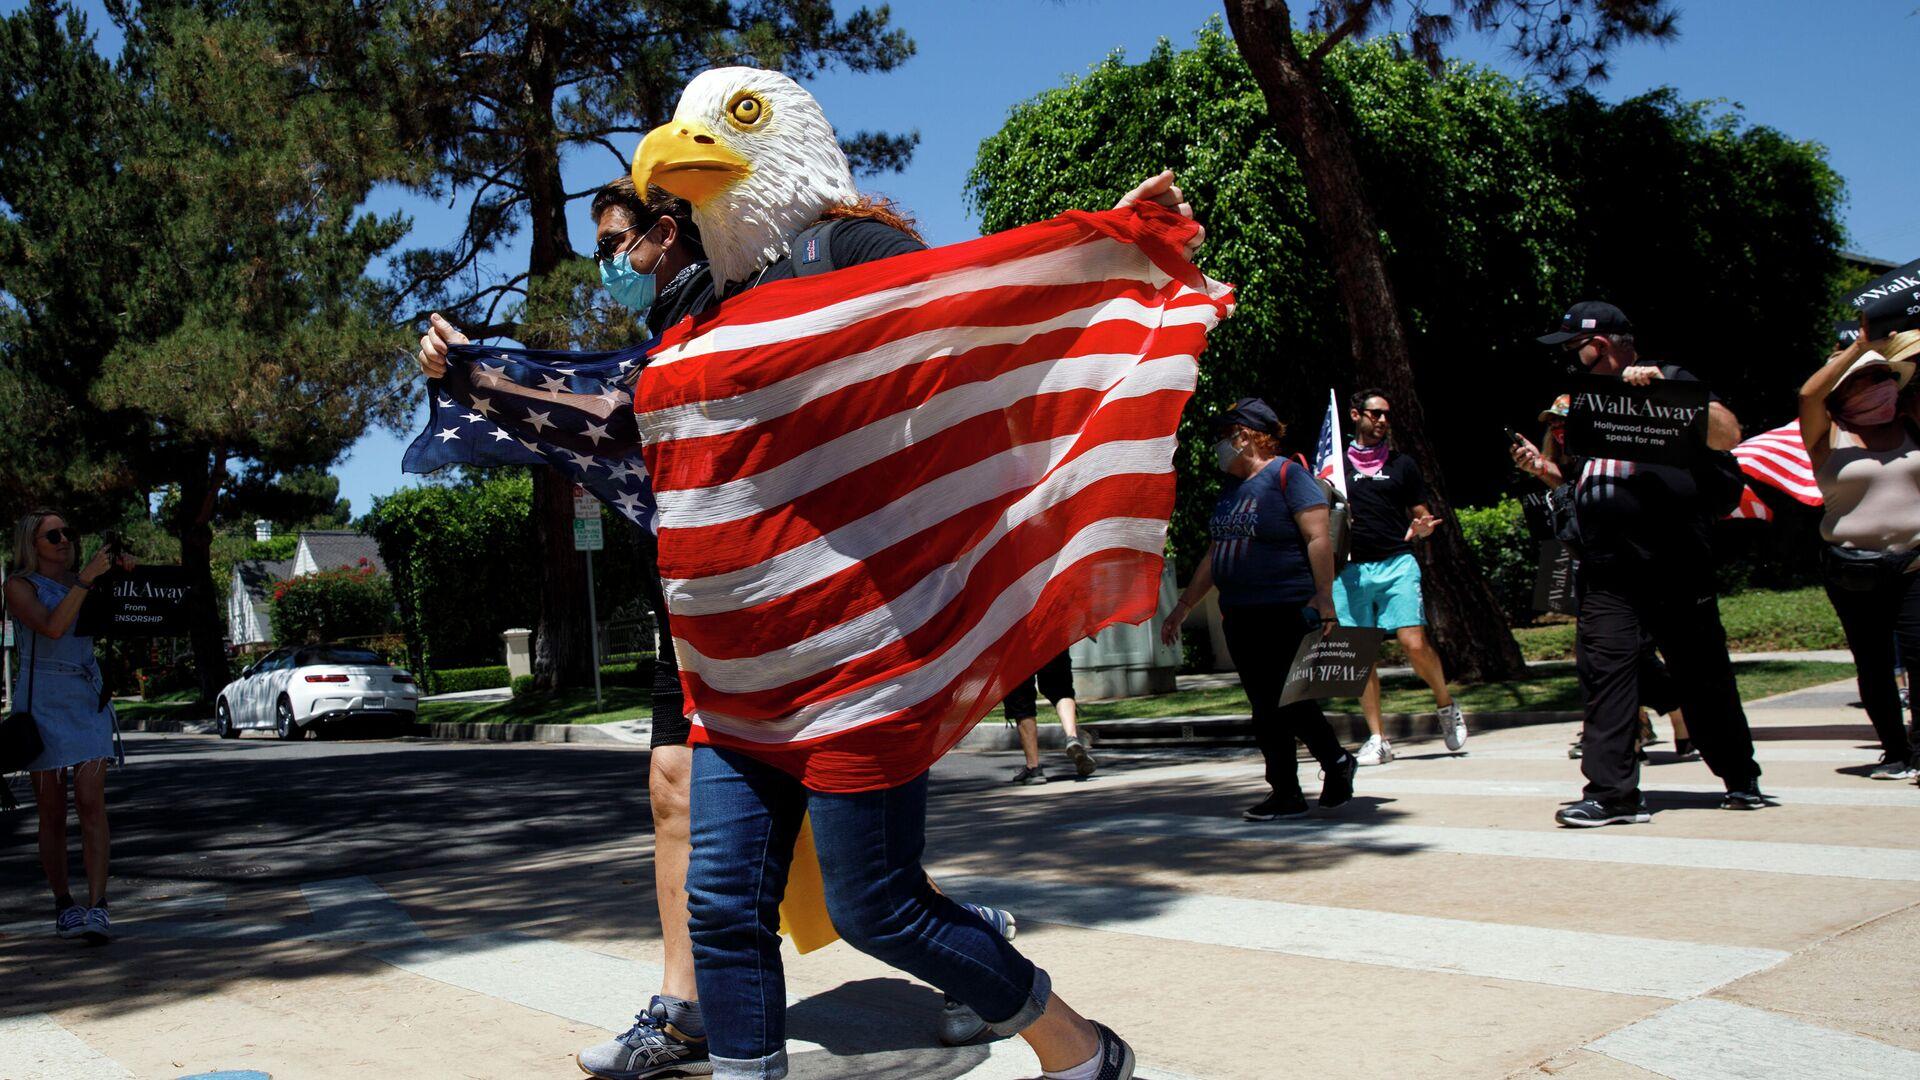 Демонстрант в маске орла с флагом США в Калифорнии - РИА Новости, 1920, 01.05.2021